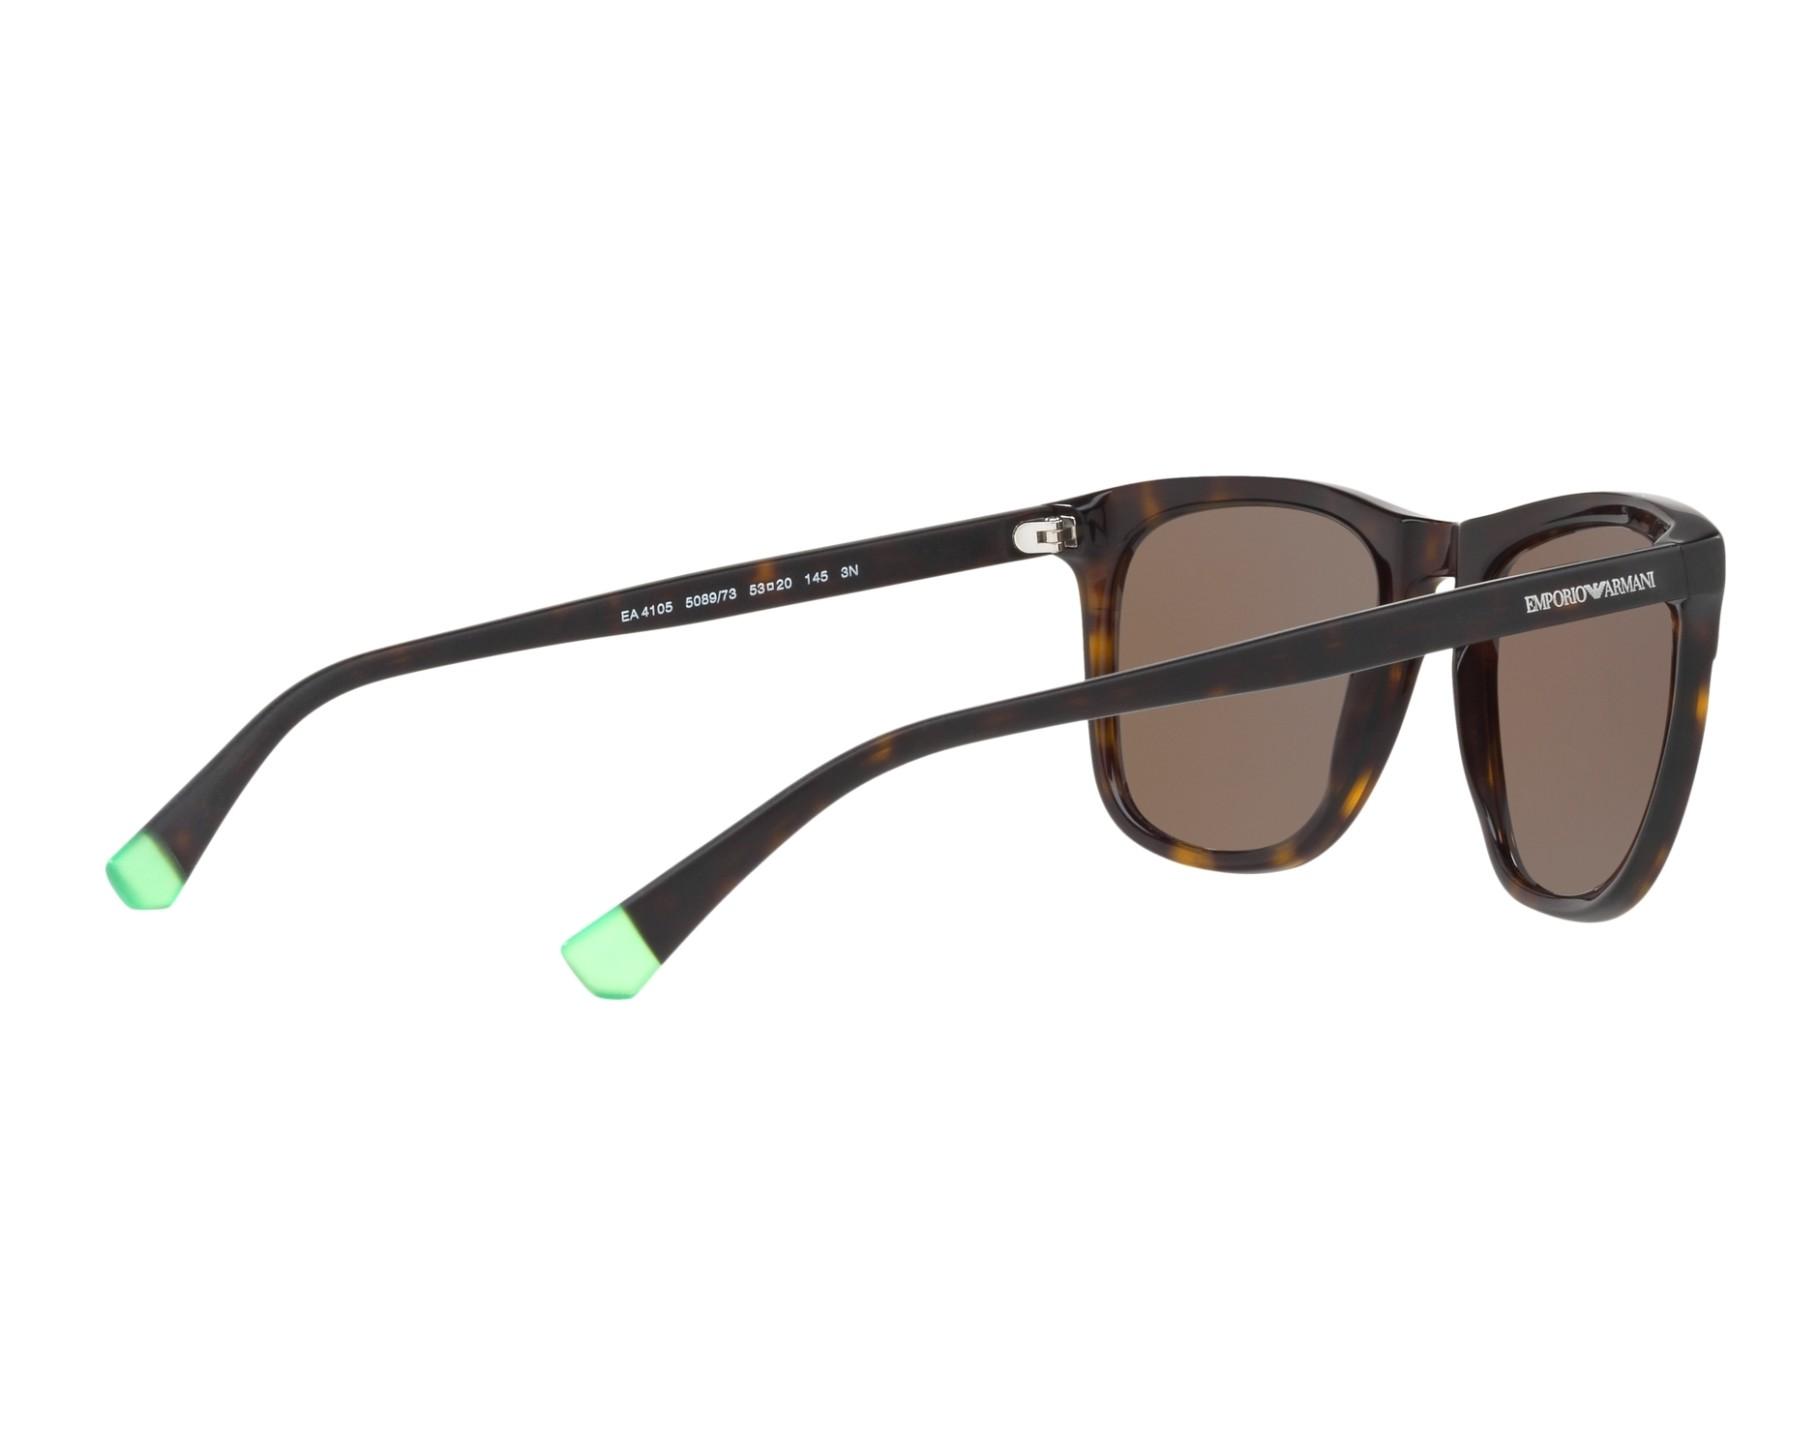 Sunglasses Emporio Armani EA-4105 508973 53-20 Havana 360 degree view 9 3ce859fb10